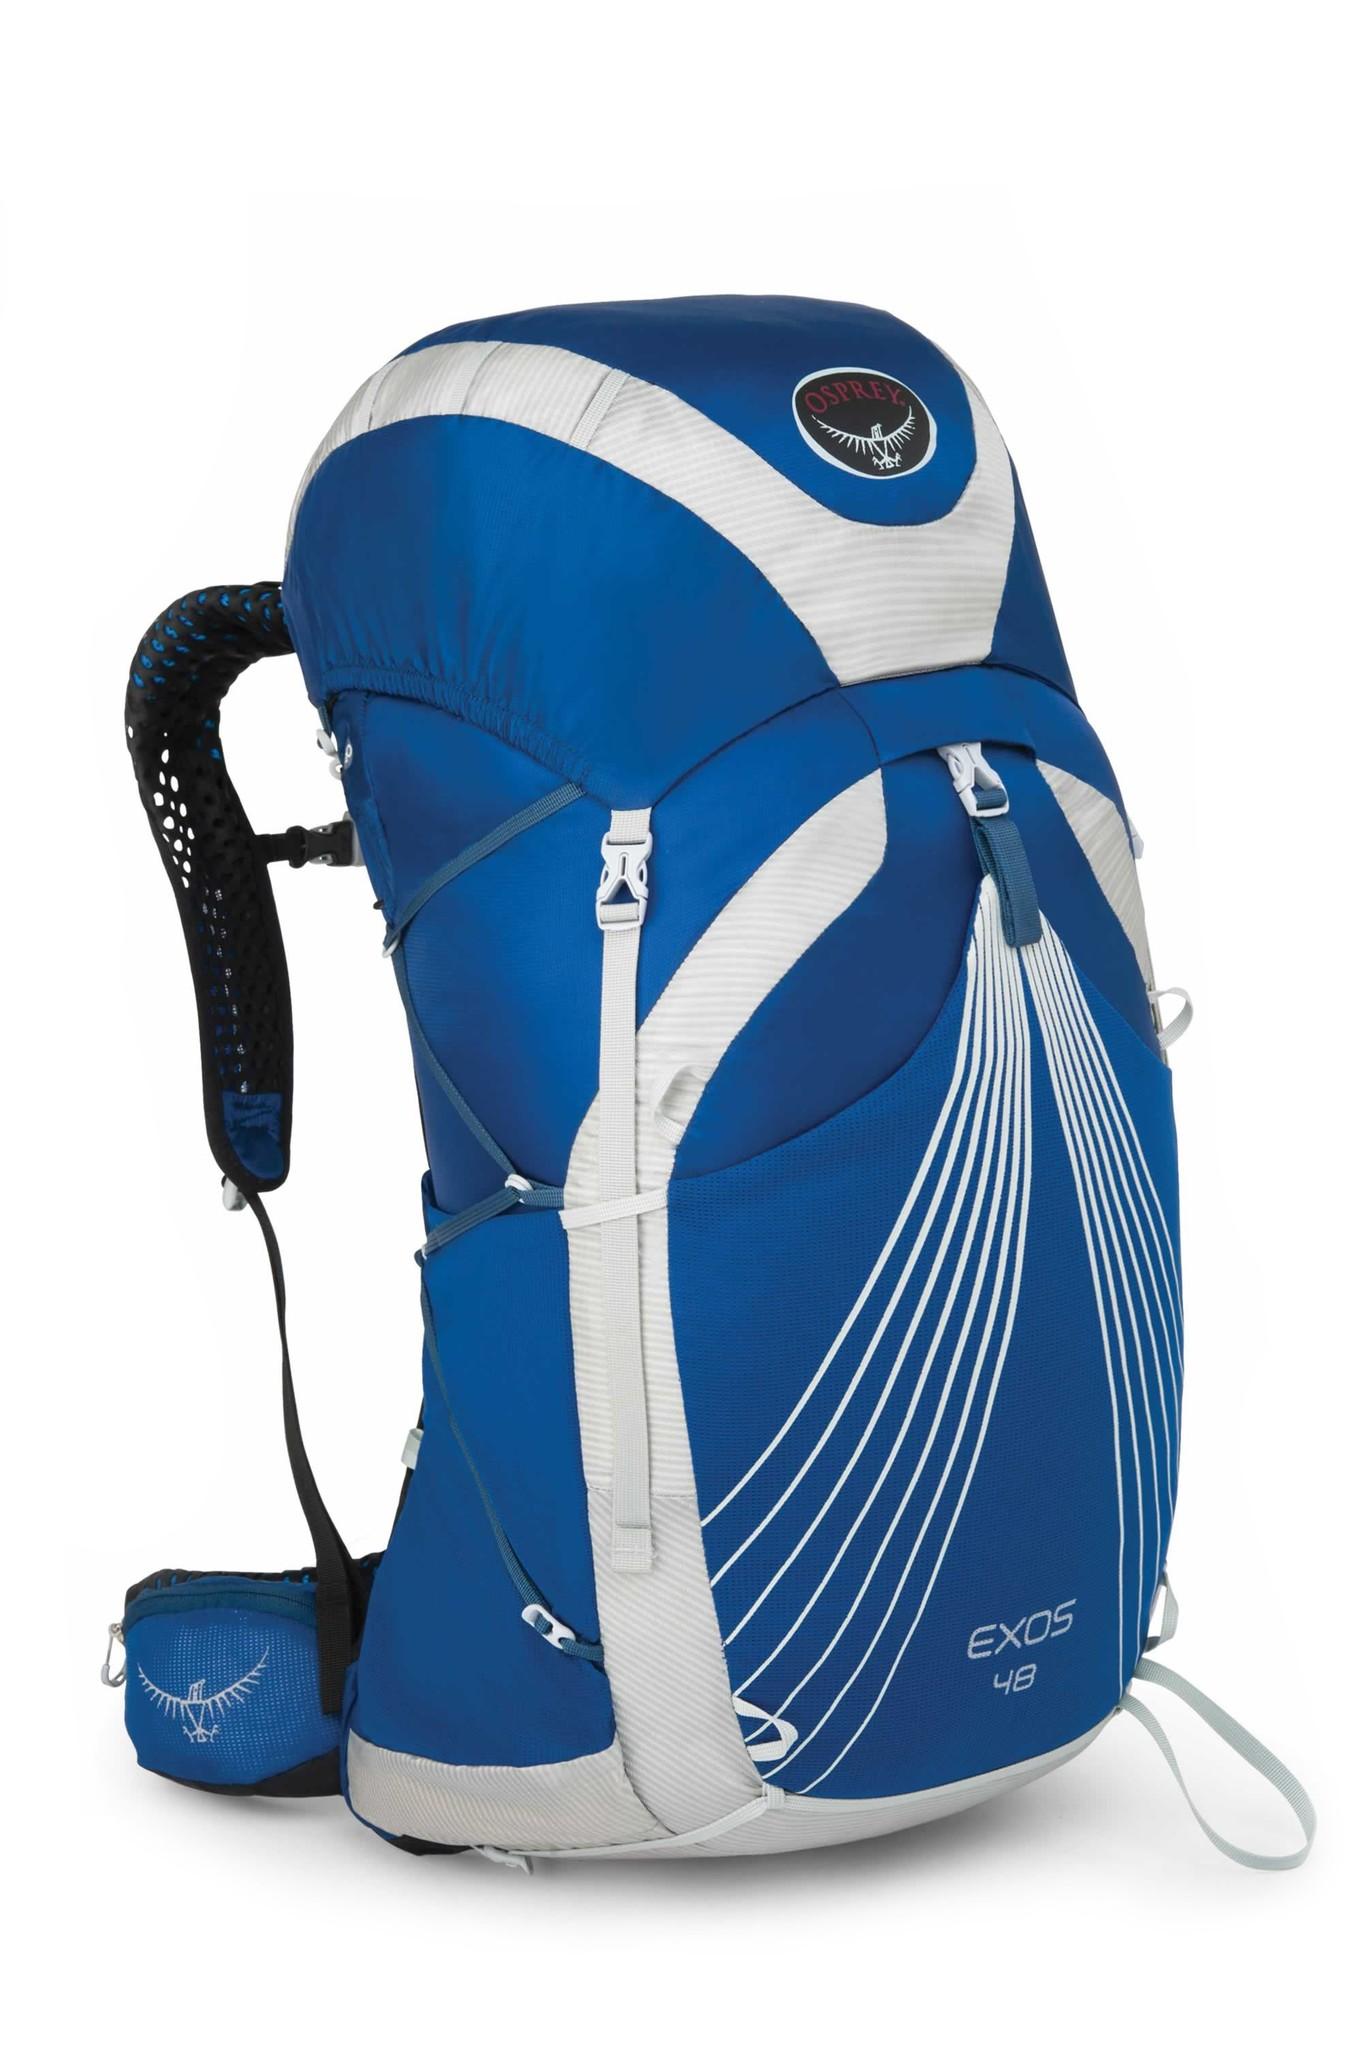 Туристические рюкзаки Рюкзак туристический Osprey Exos 48 exos-48-pacific-blue-web_5.jpg